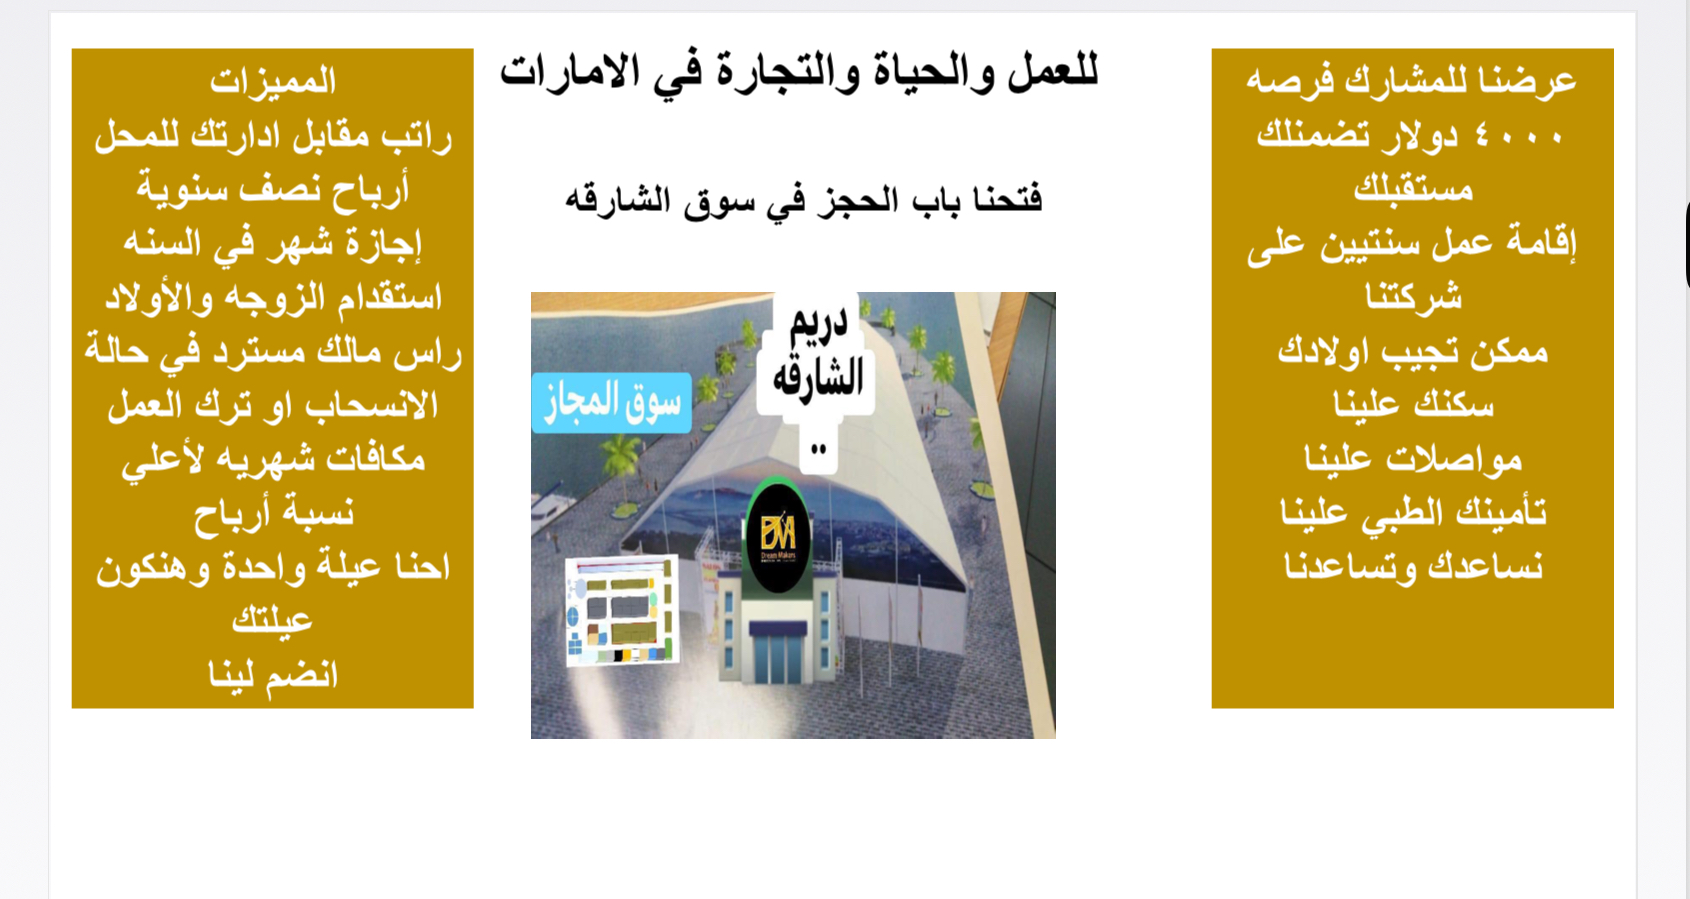 فرصة لن تتكرر للحياة والعمل فى دبي Project Picture